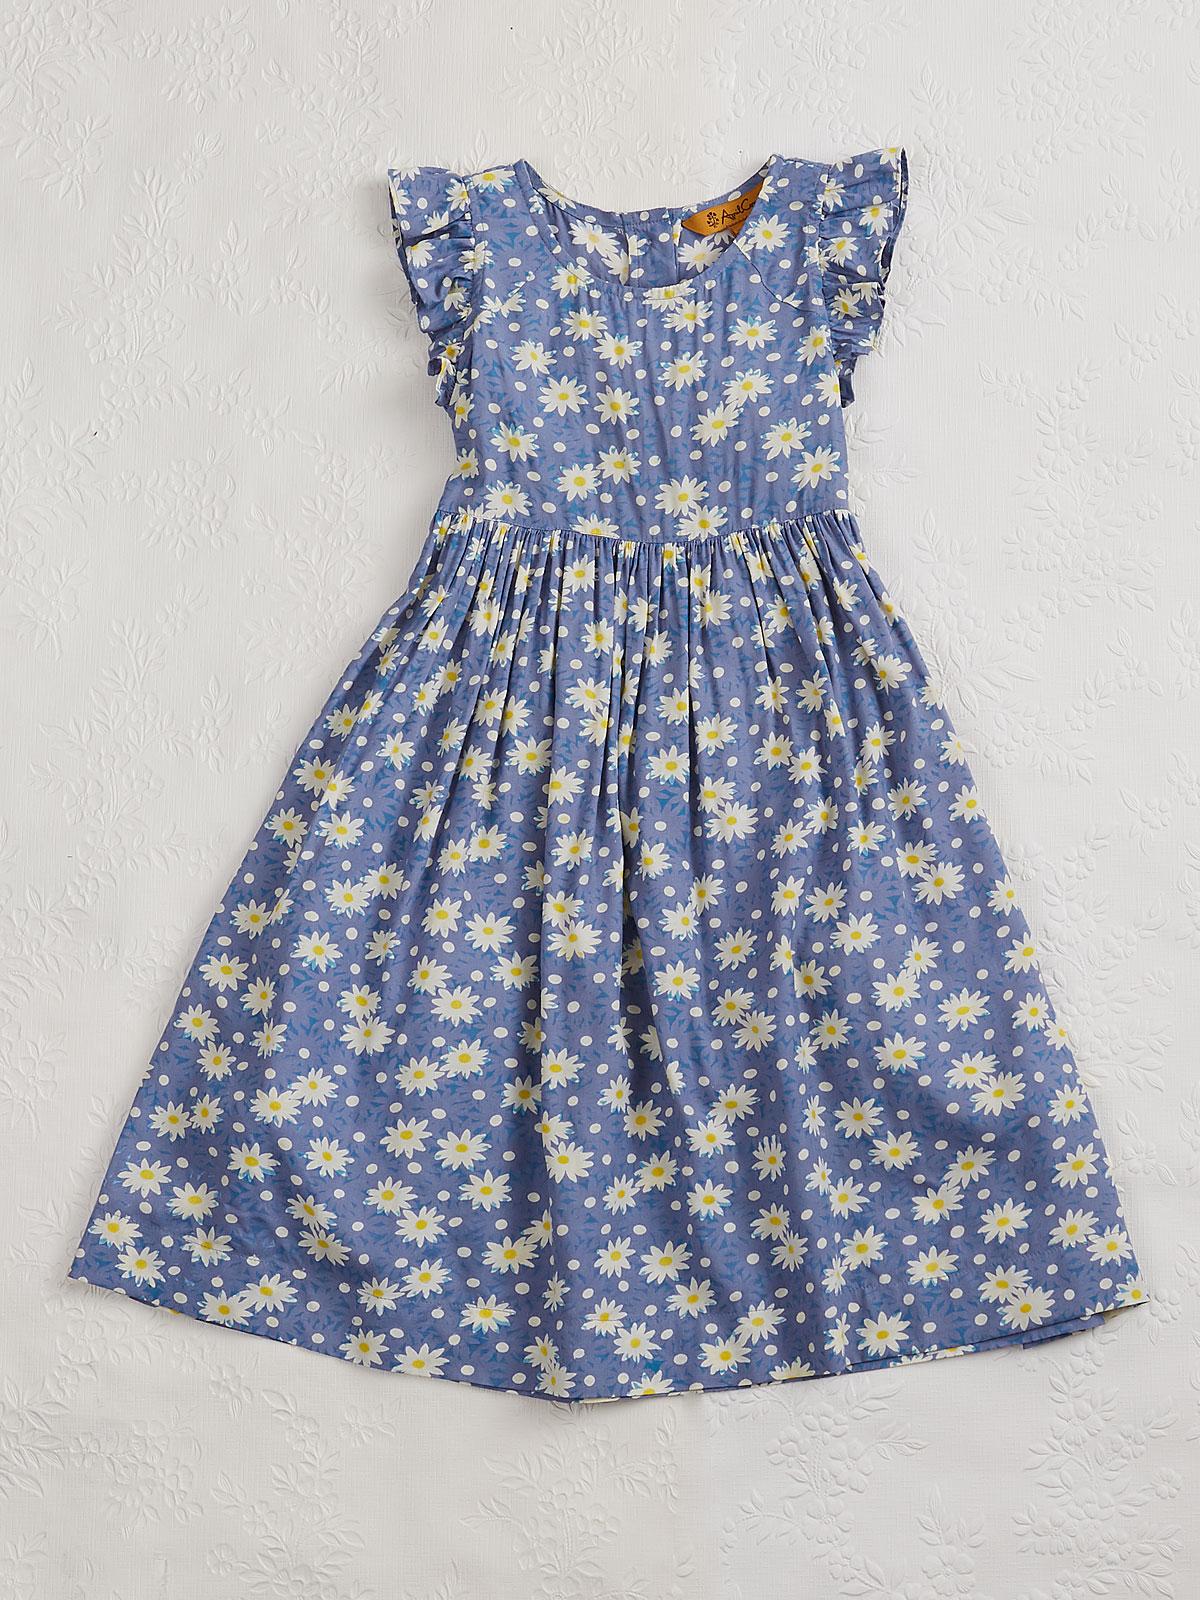 Daisy Girls Dress